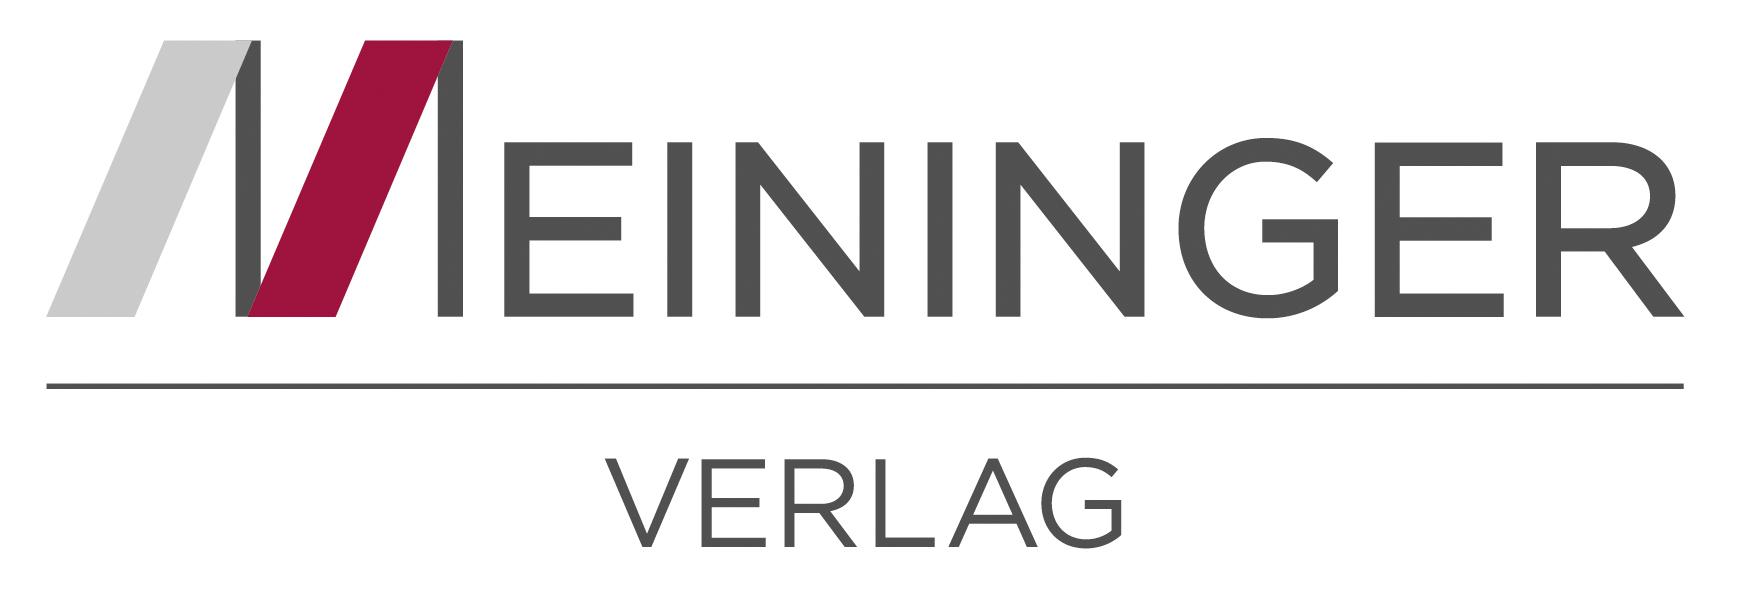 Meininger Verlag